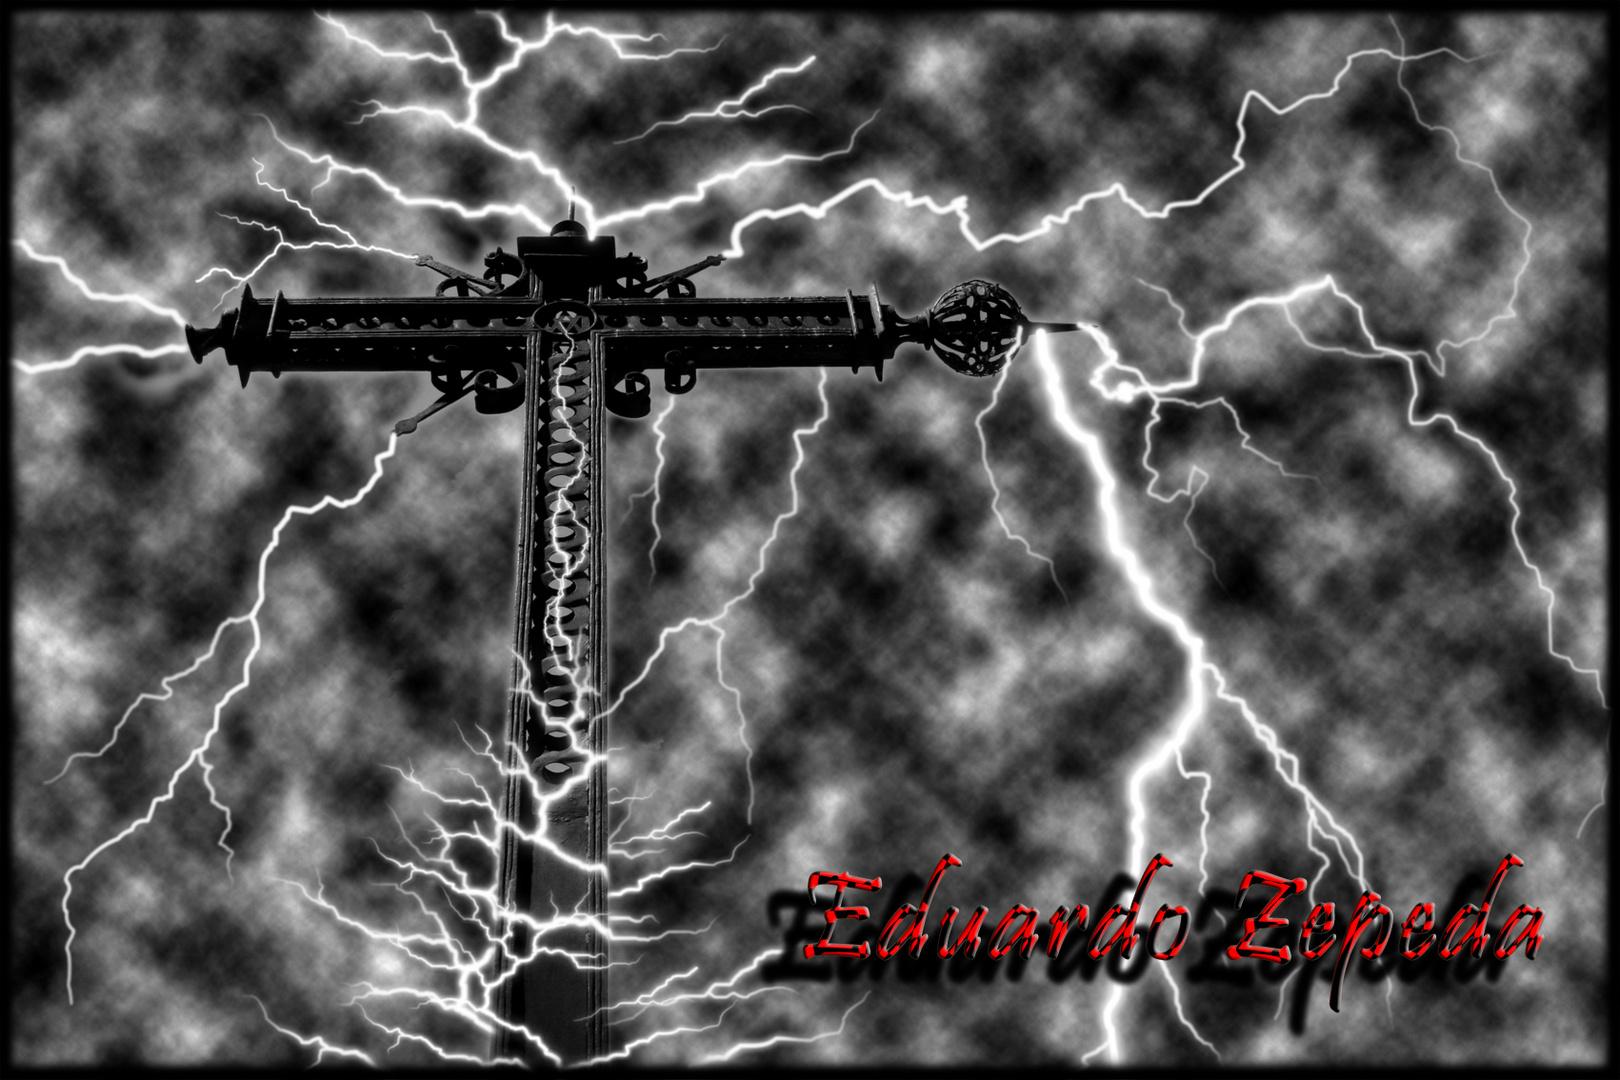 Cruz Electrica